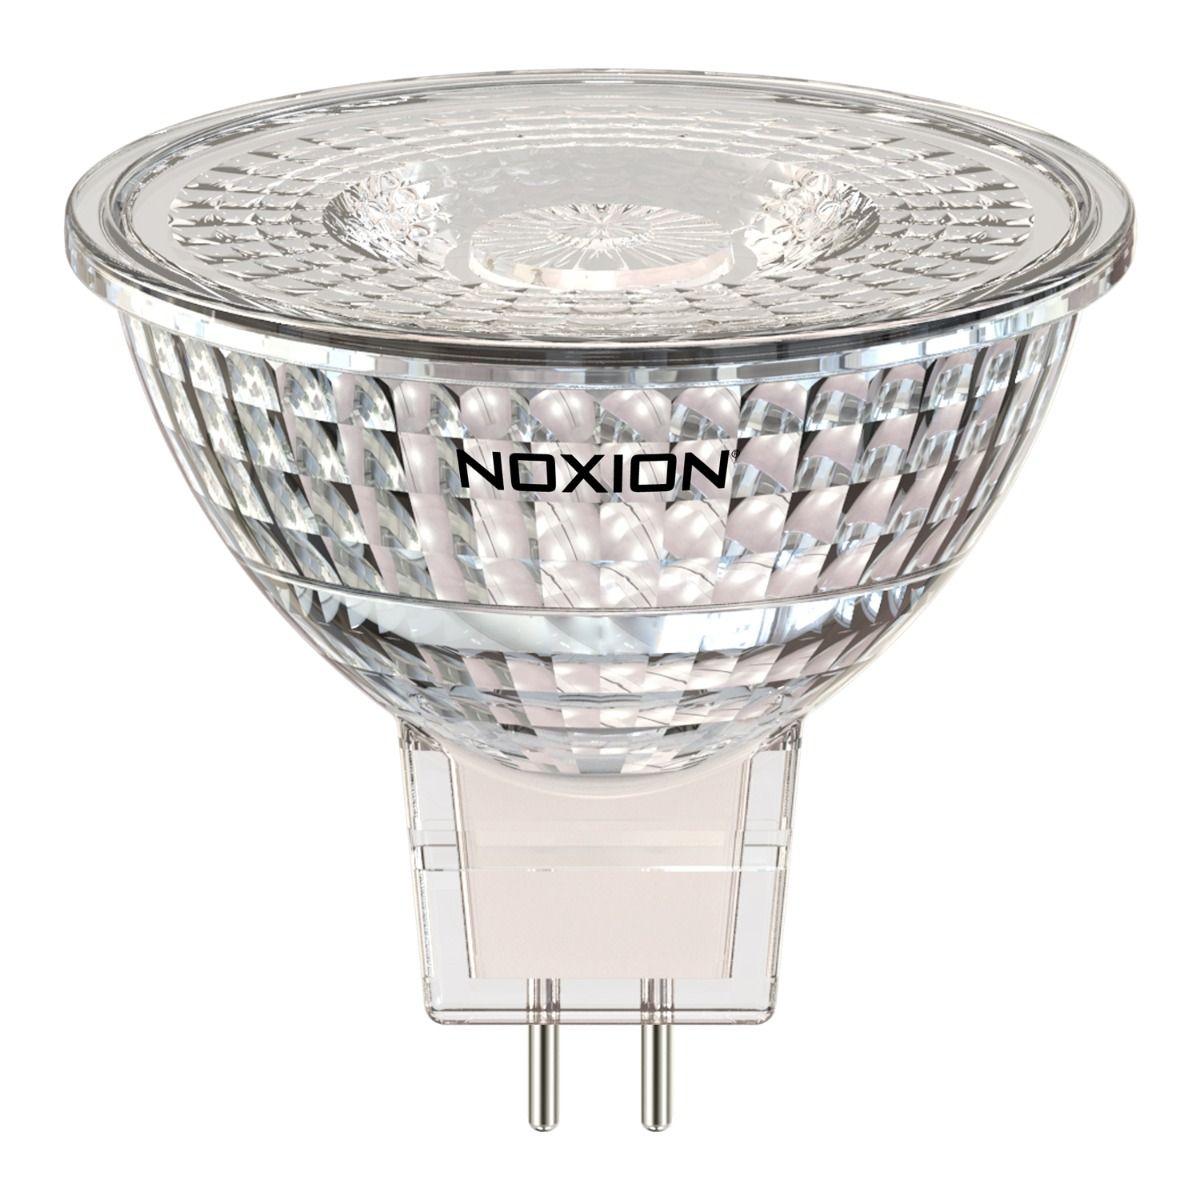 Noxion LED Spot GU5.3 5W 830 36D 470lm | Dimbaar - Vervanger voor 35W